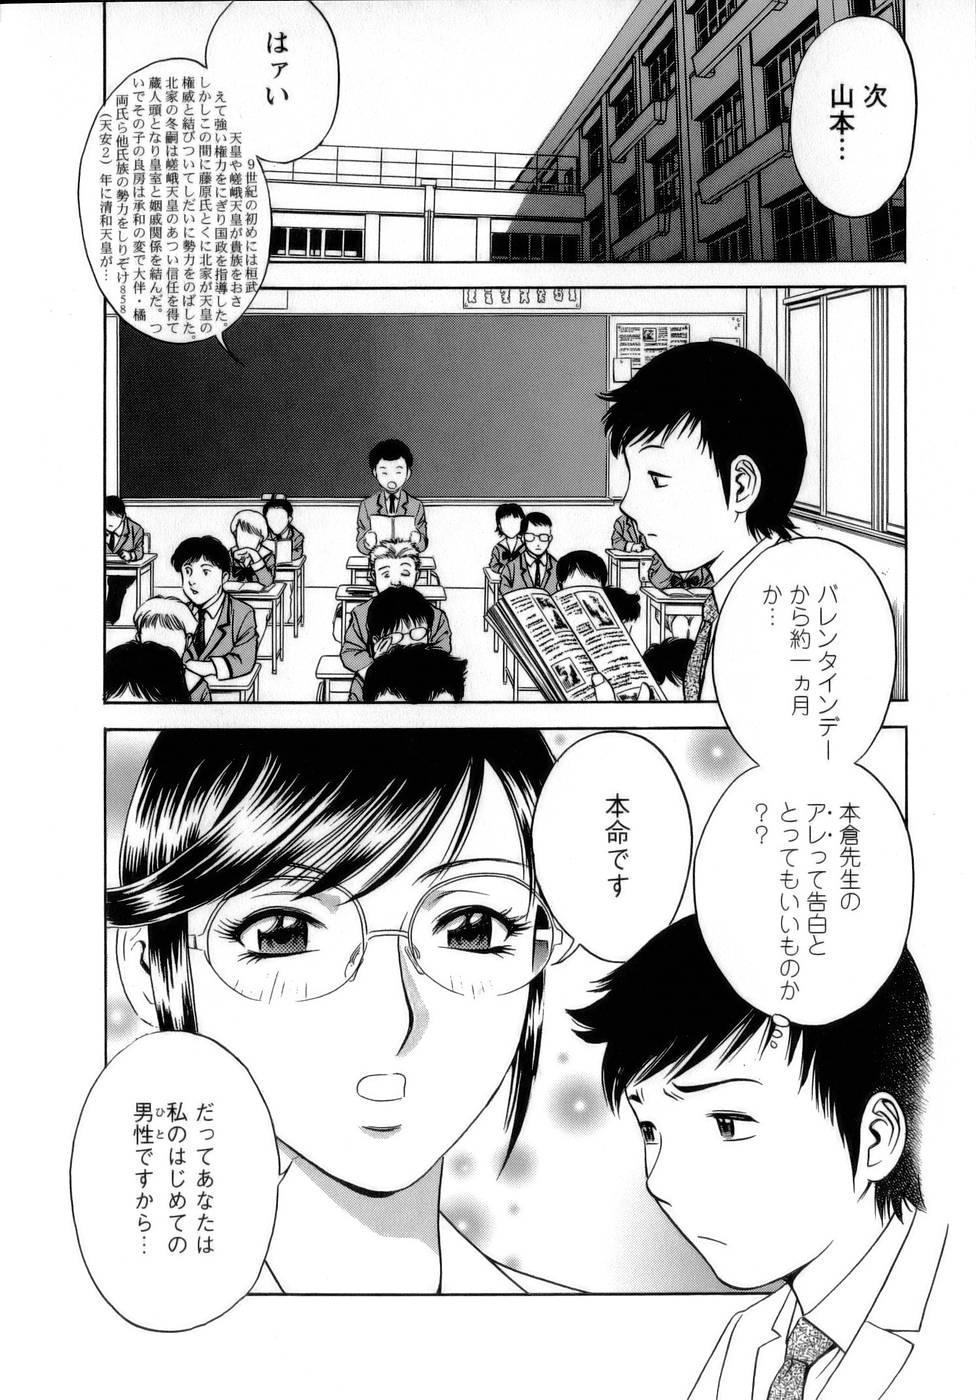 [Hidemaru] Mo-Retsu! Boin Sensei (Boing Boing Teacher) Vol.1 113